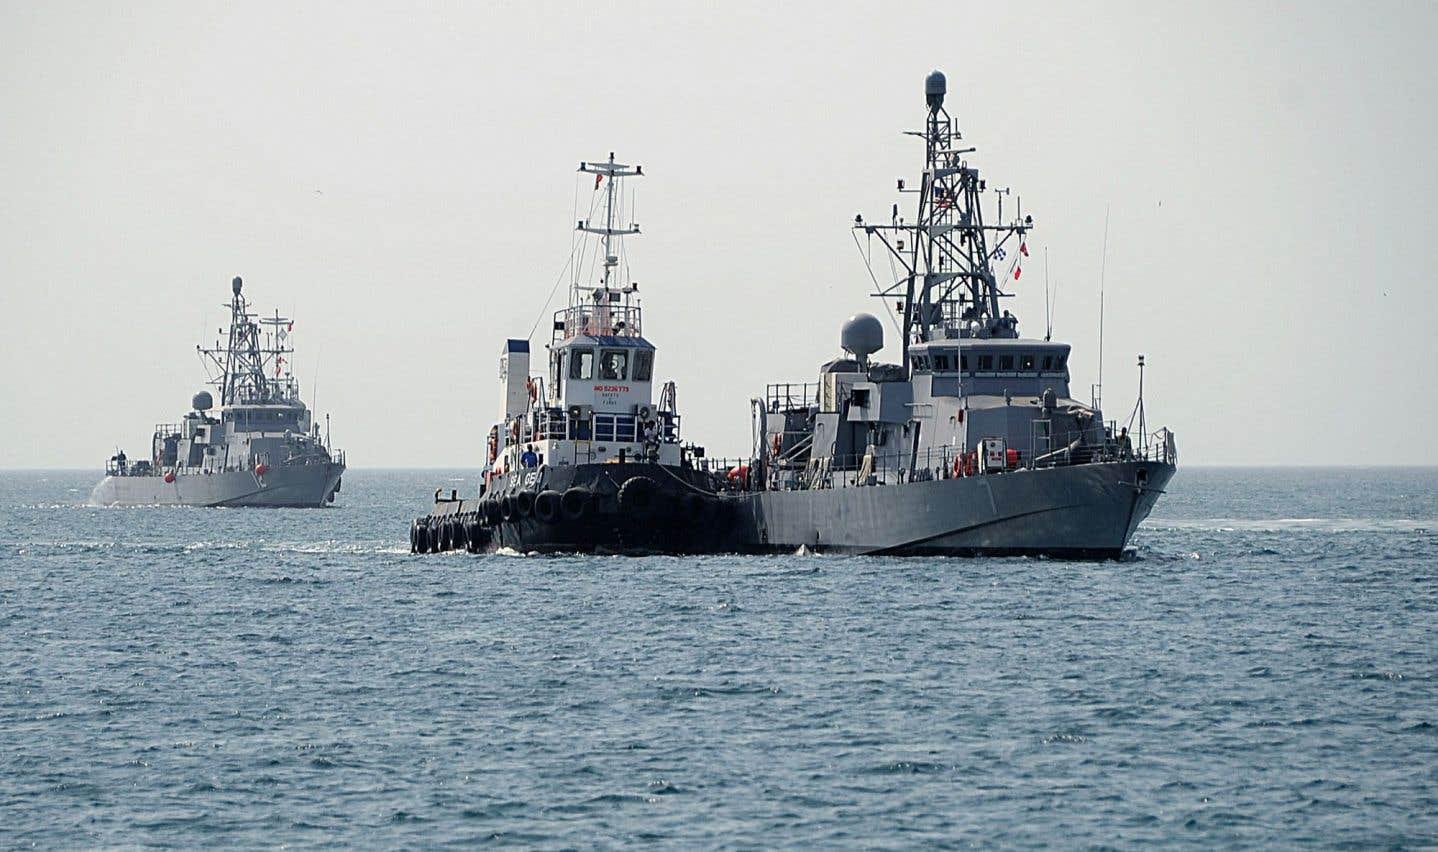 Les patrouilleurs américains USS Thunderbolt (à gauche) et USS Squall (à droite)